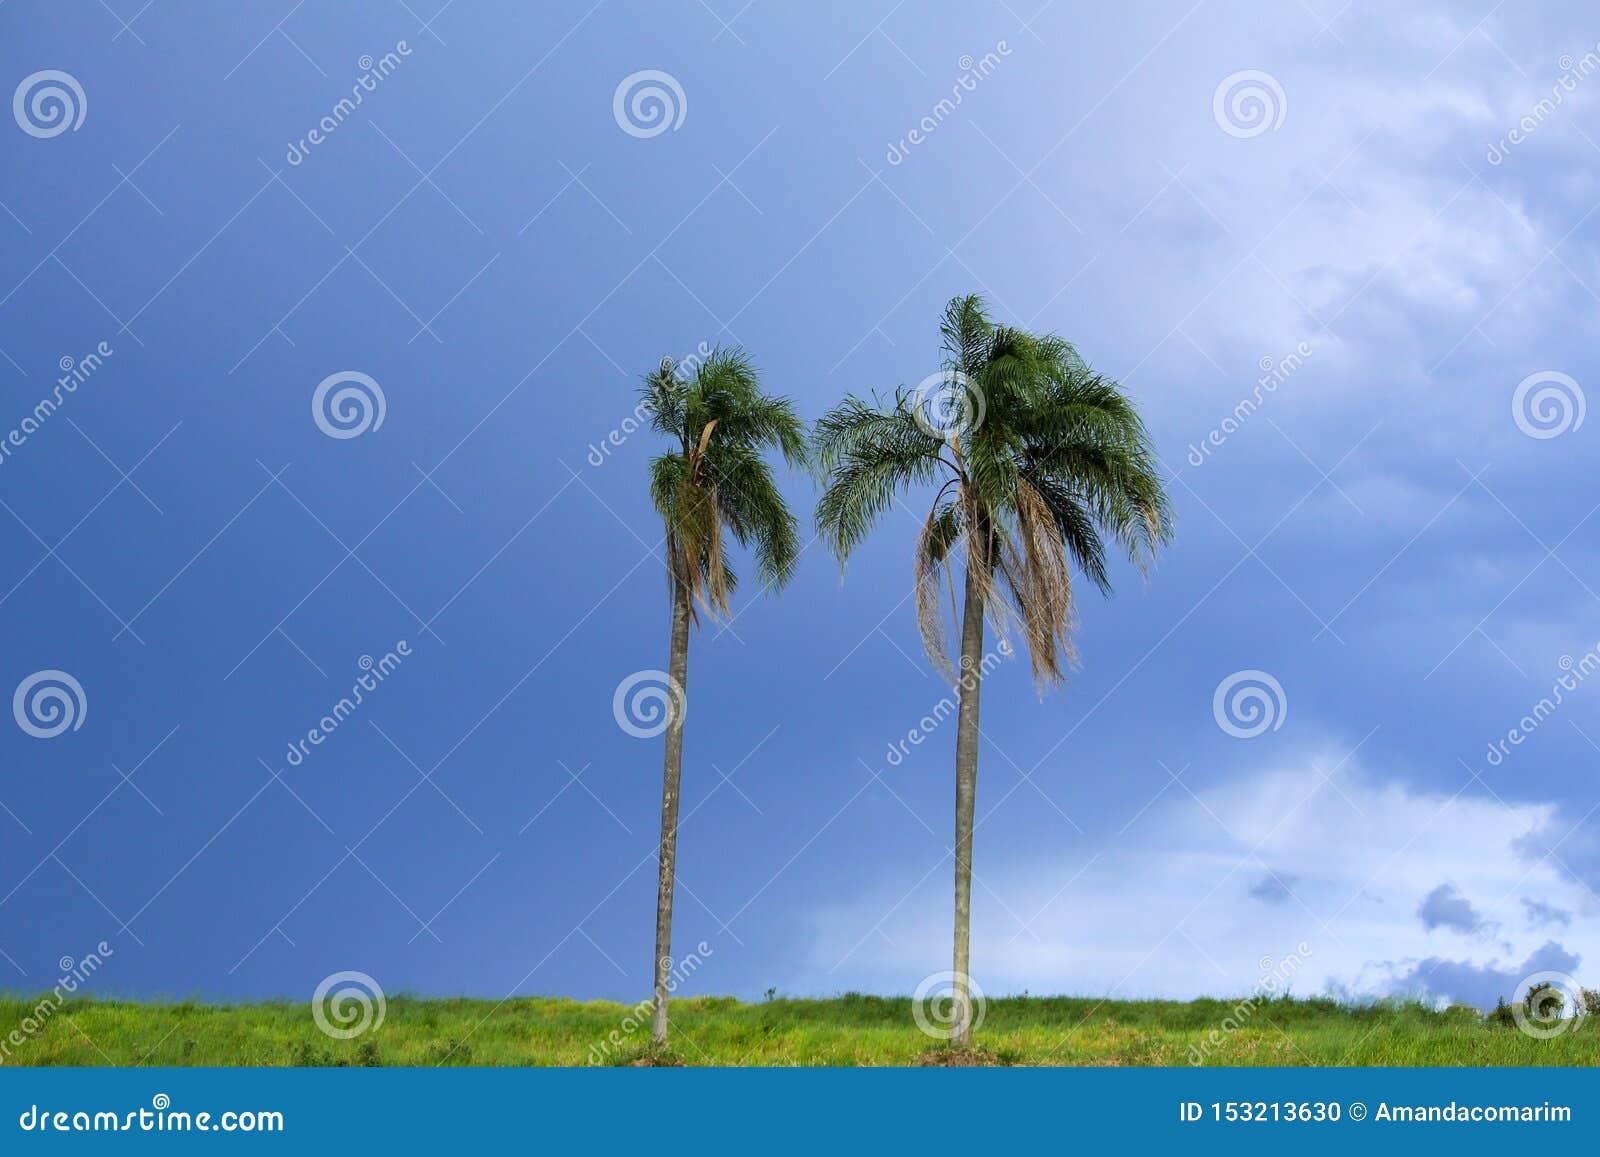 Кокосовые пальмы в облачном небе